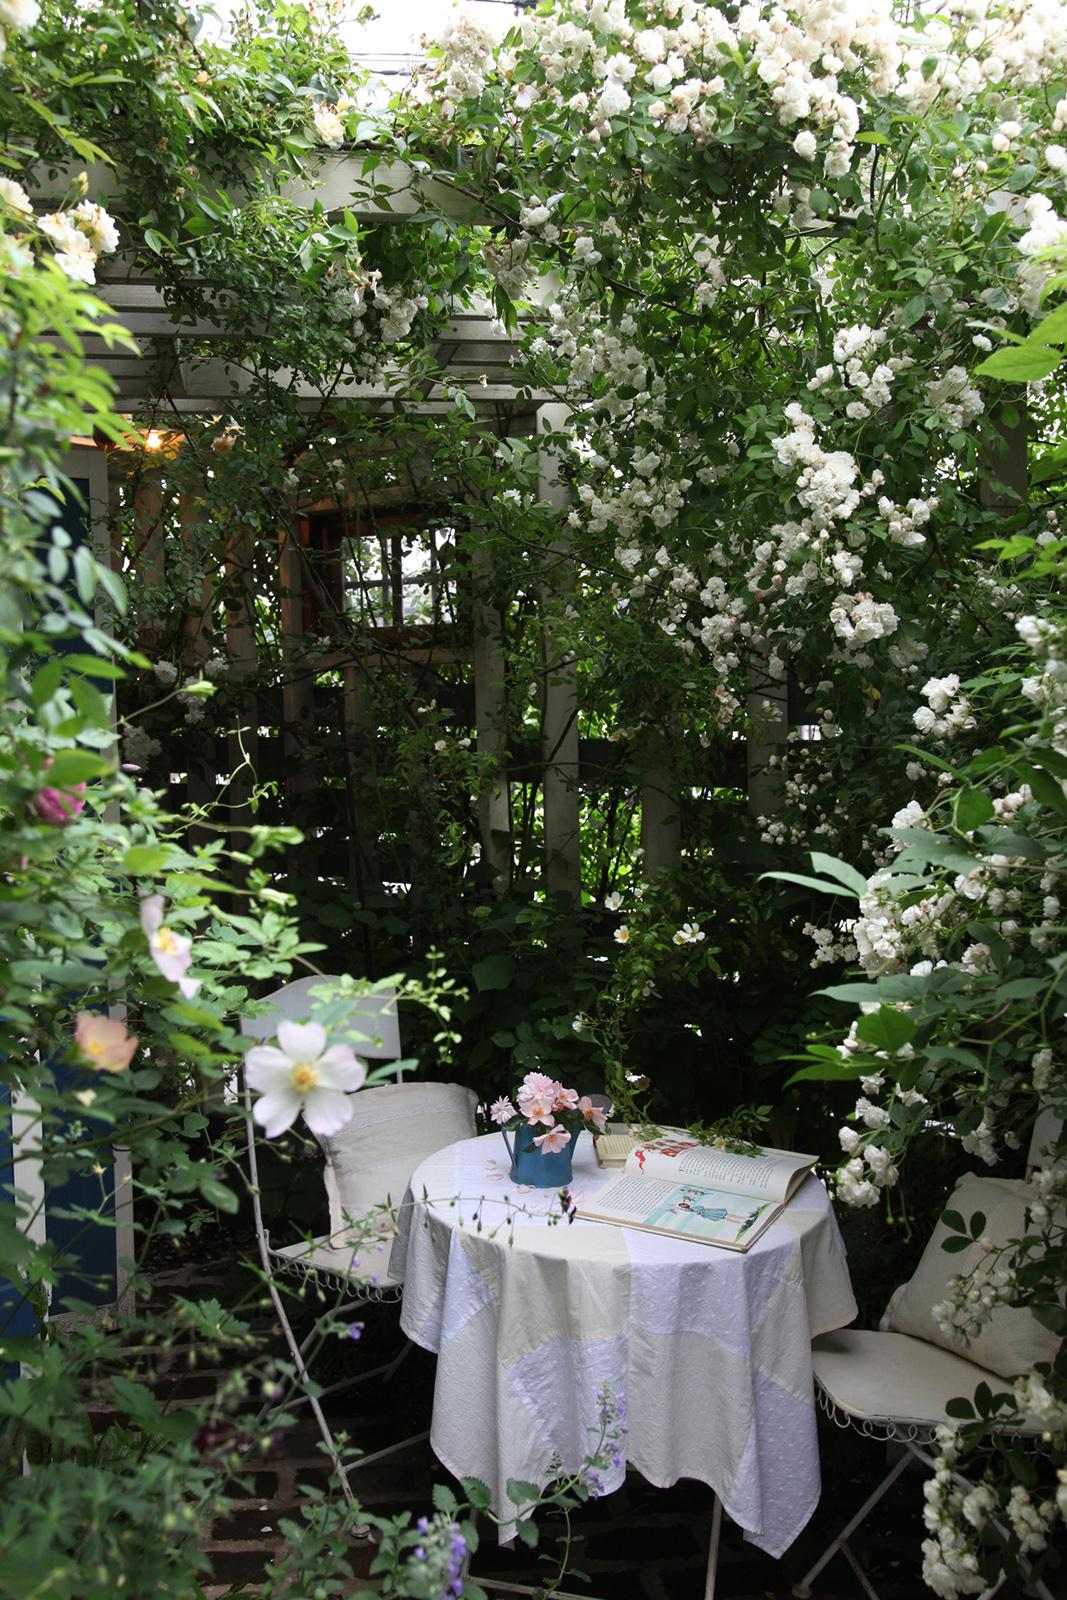 gardenfl024.jpg